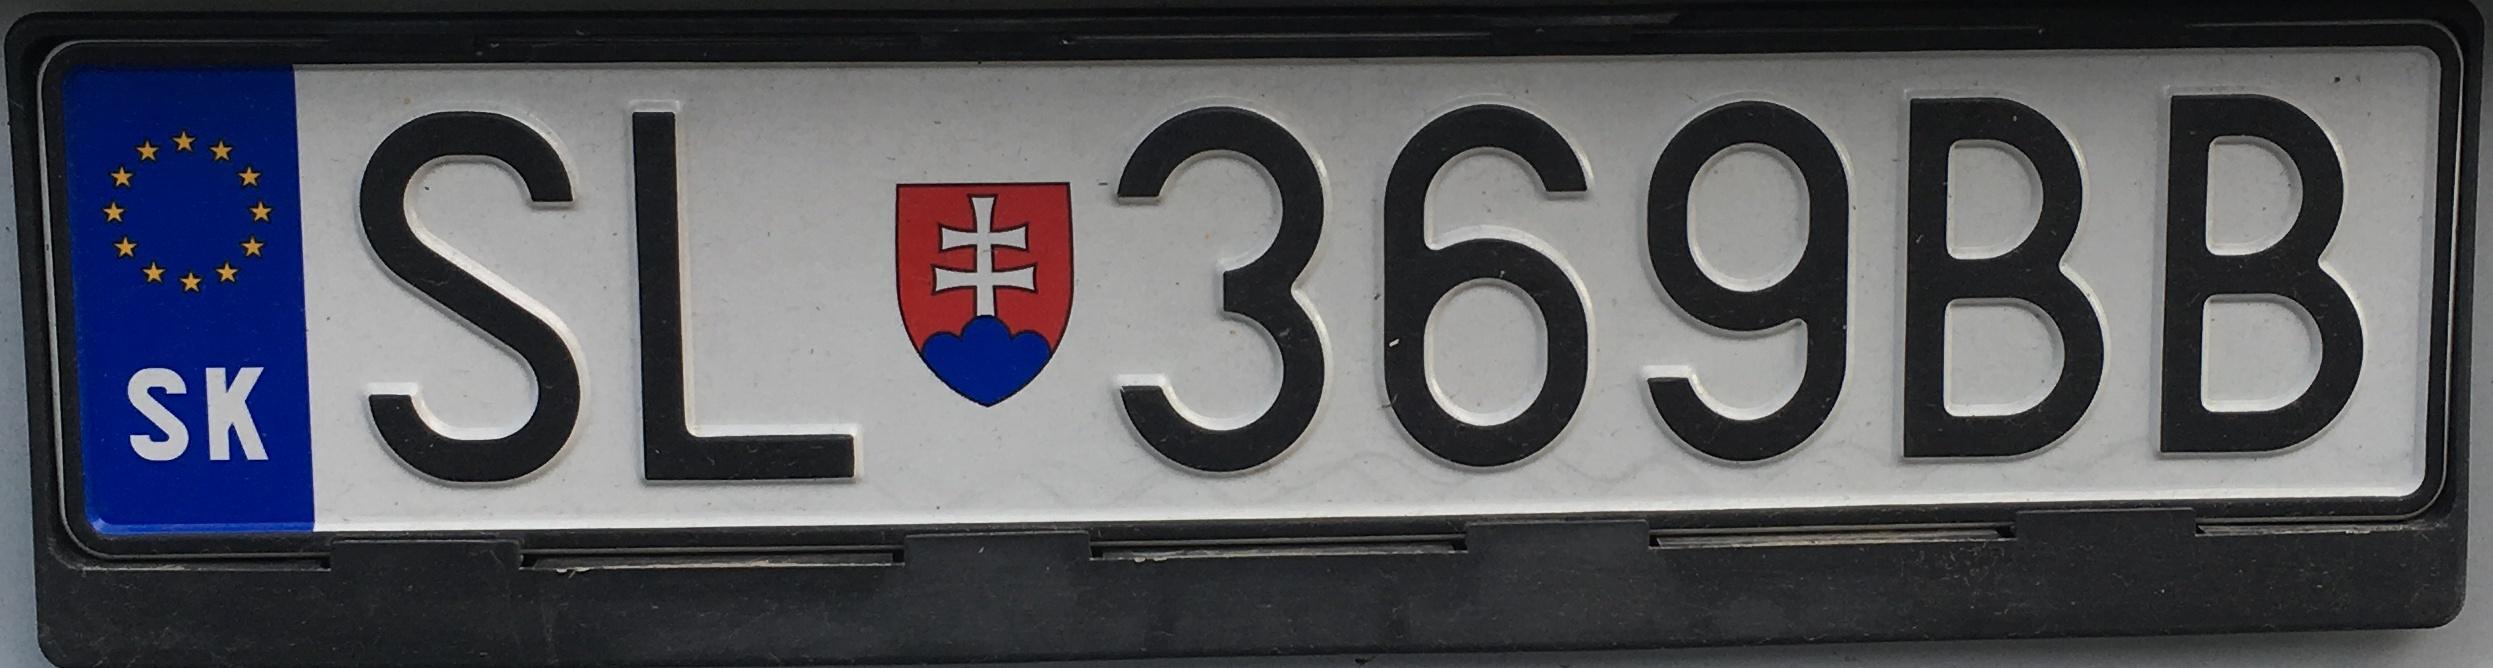 Registrační značka: SL - Stará Ľubovňa, foto: vlastní